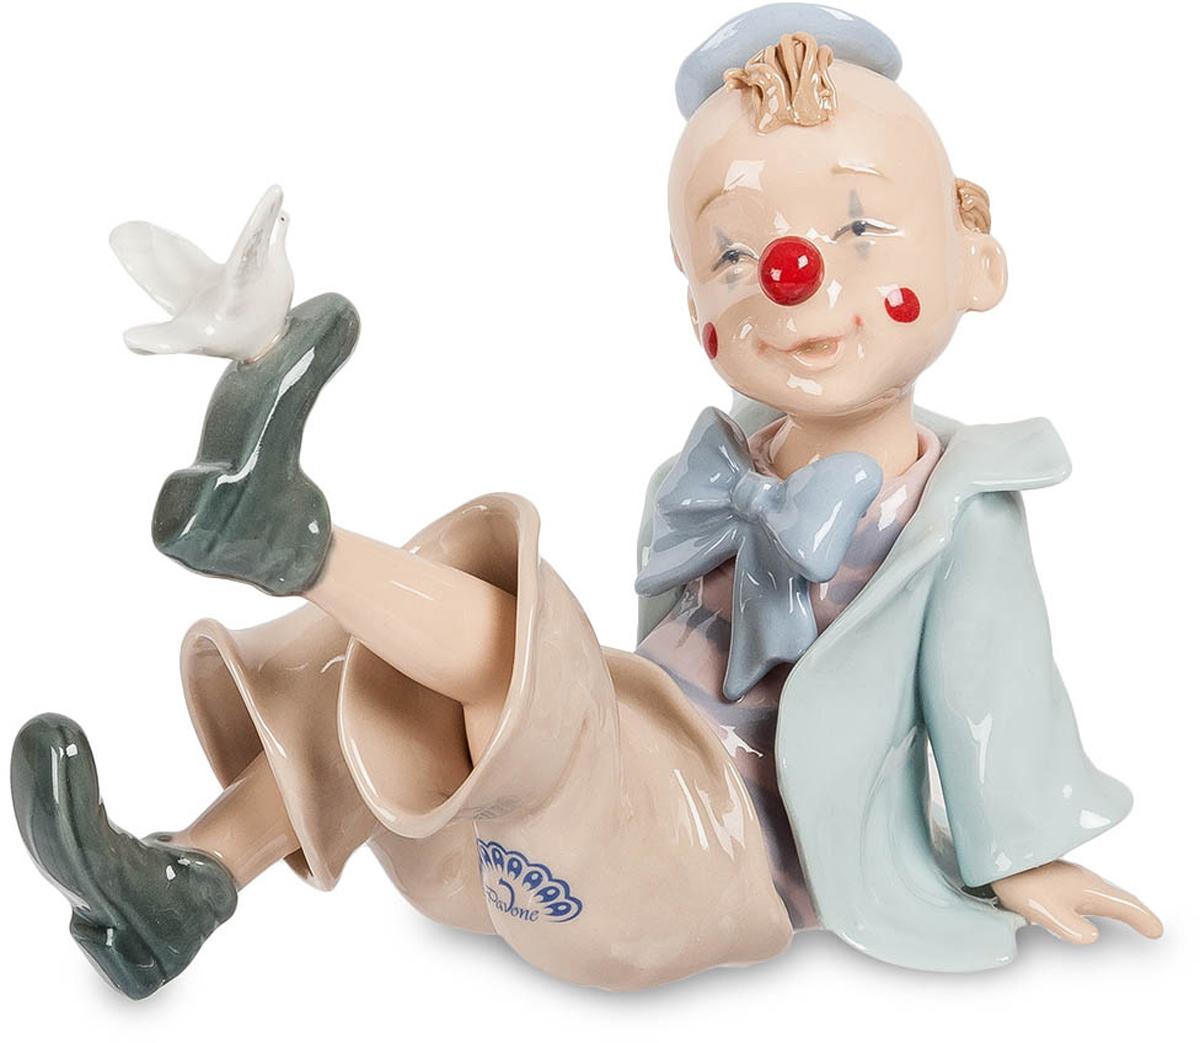 Фигурка Pavone Клоун с голубем. CMS-23/36CMS-23/36Фигурка Клоун с голубем (Pavone) Фигурка Клоун с голубем - удивительное интерьерное украшение, которое понравится как взрослым, так и детям.Героем этого фарфорового произведения является маленький мальчик, который решил стать клоуном, чтобы радовать людей своими шутками. Мальчик позаботился о своем образе, украсив костюм большим бантом, а нос – красным колпачком. Мальчик сидит на полу и играет с белоснежным голубем, который прилетел к его ботинку, решив тем самым рассмешить будущего клоуна.Изделие, изготовленное из тончайшего фарфора, расписано нежными пастельными красками, благодаря чему оно органично впишется в любой интерьерный стиль.